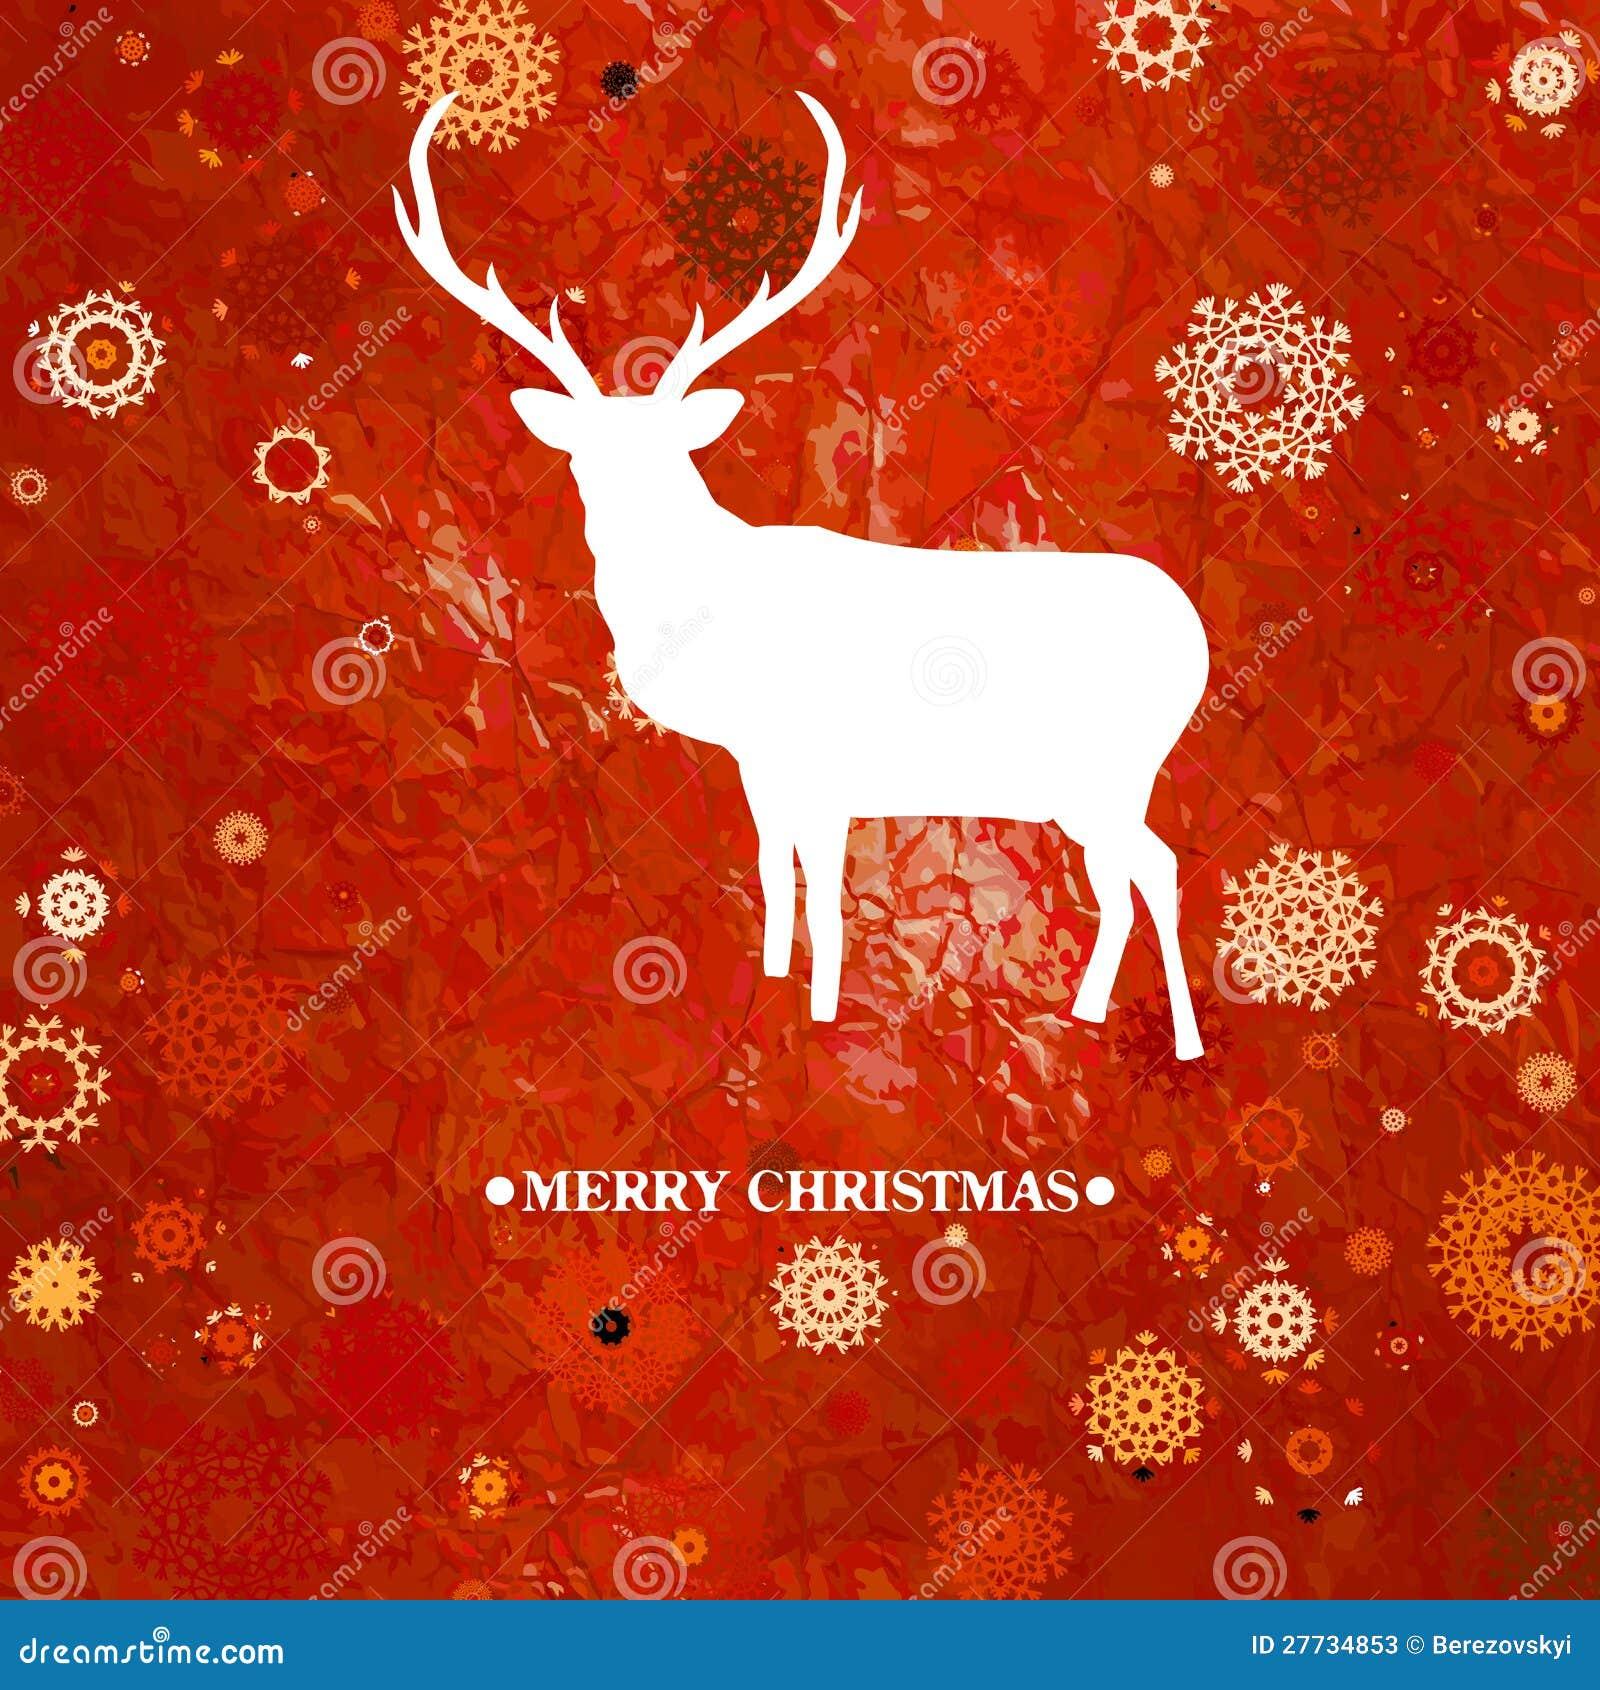 Weihnachtsrotwild cintage Karte. ENV 8